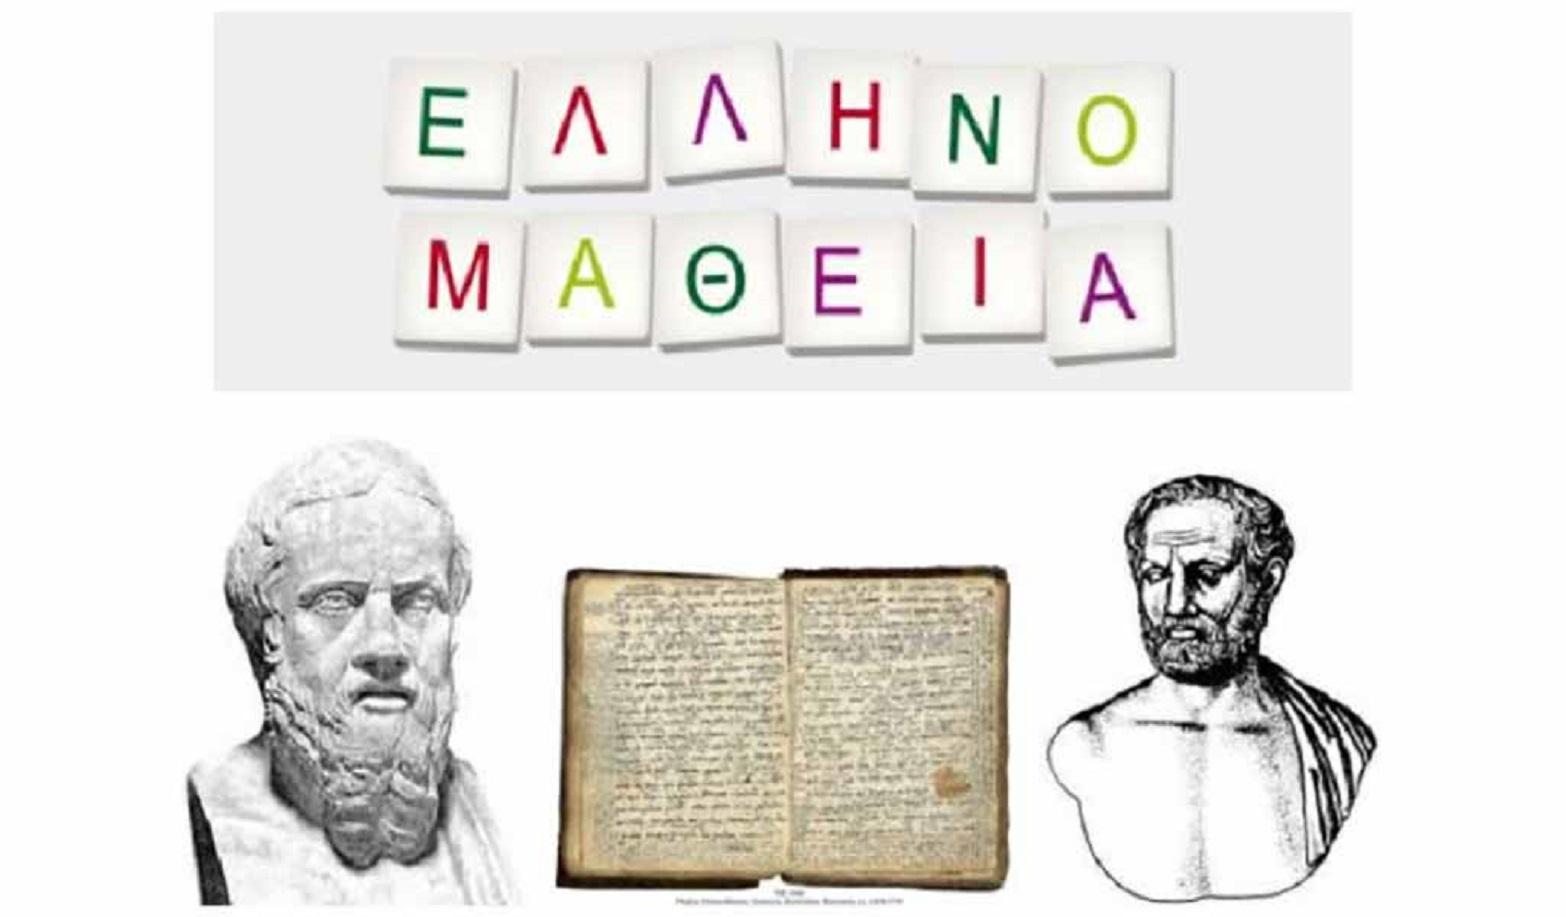 Photo of ბერძნული ენის სასერტიფიკაციო გამოცდები საბერძნეთის სახელმწიფო უმაღლეს სასწავლებლებში ჩაბარების მსურველთათვის